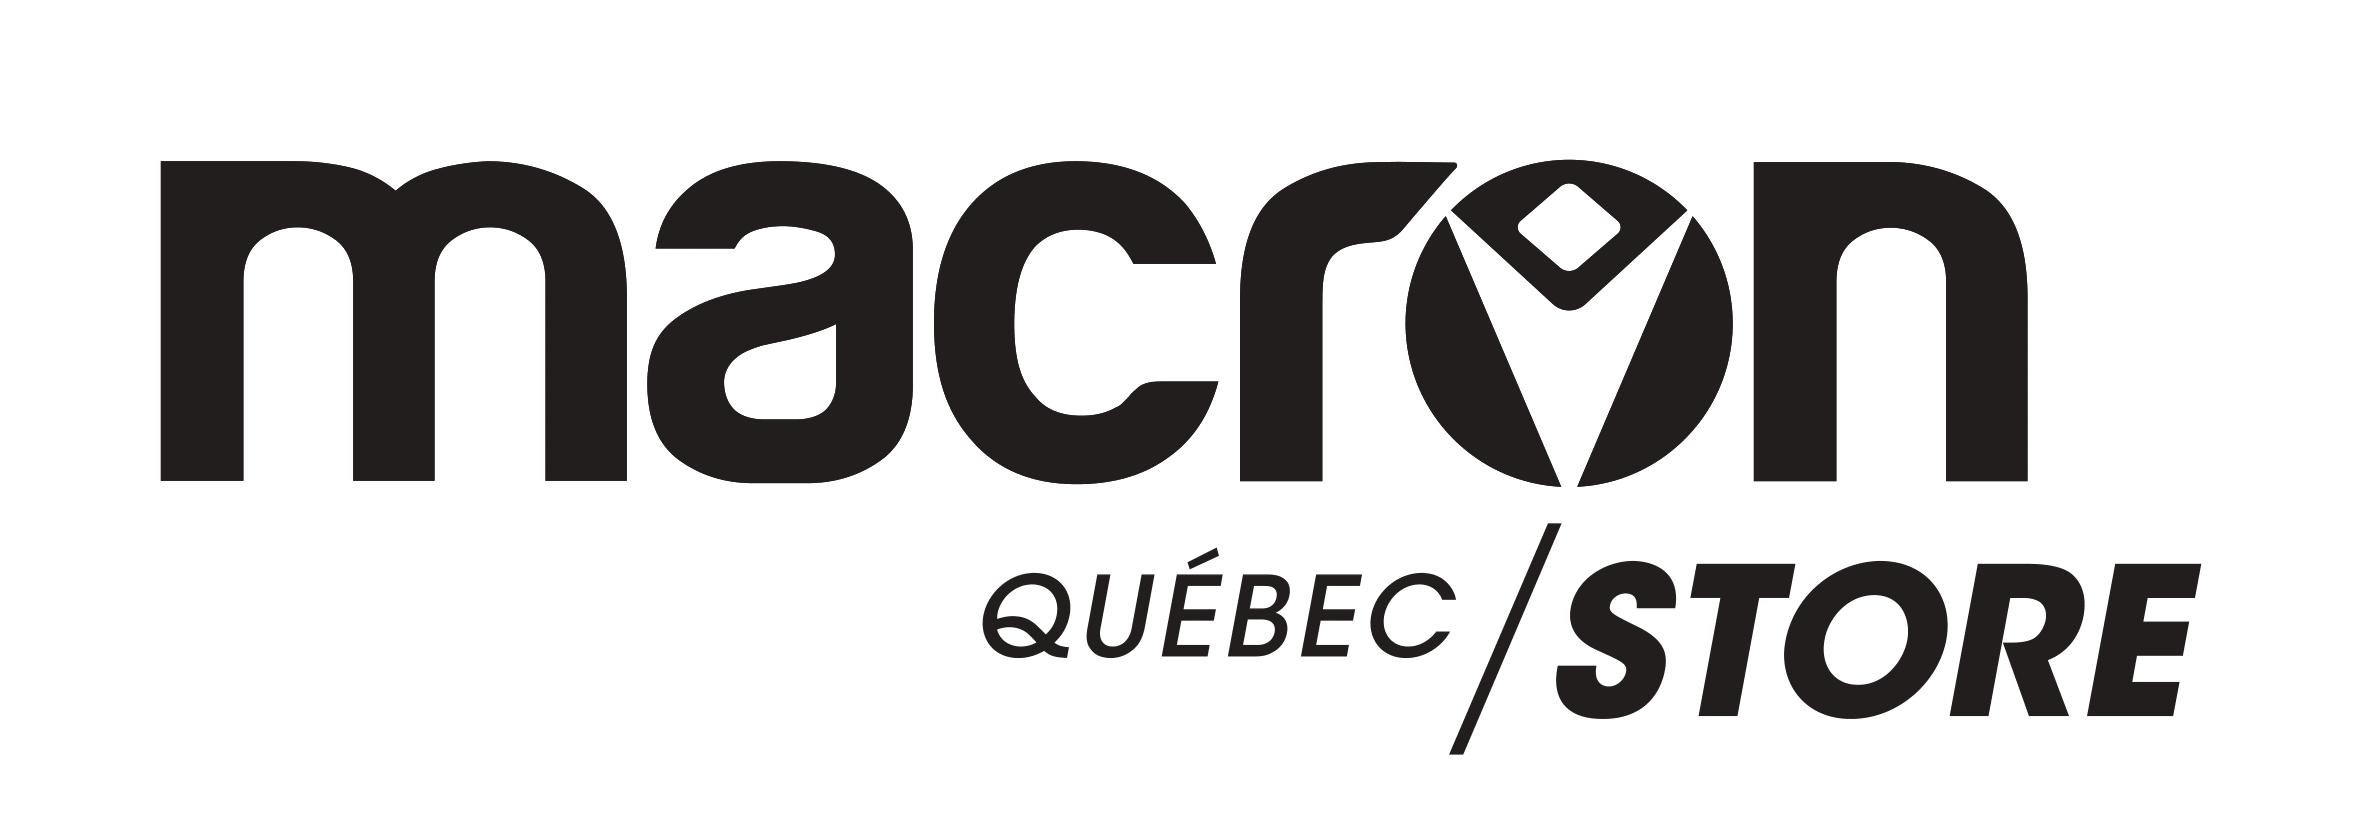 Macron Quebec